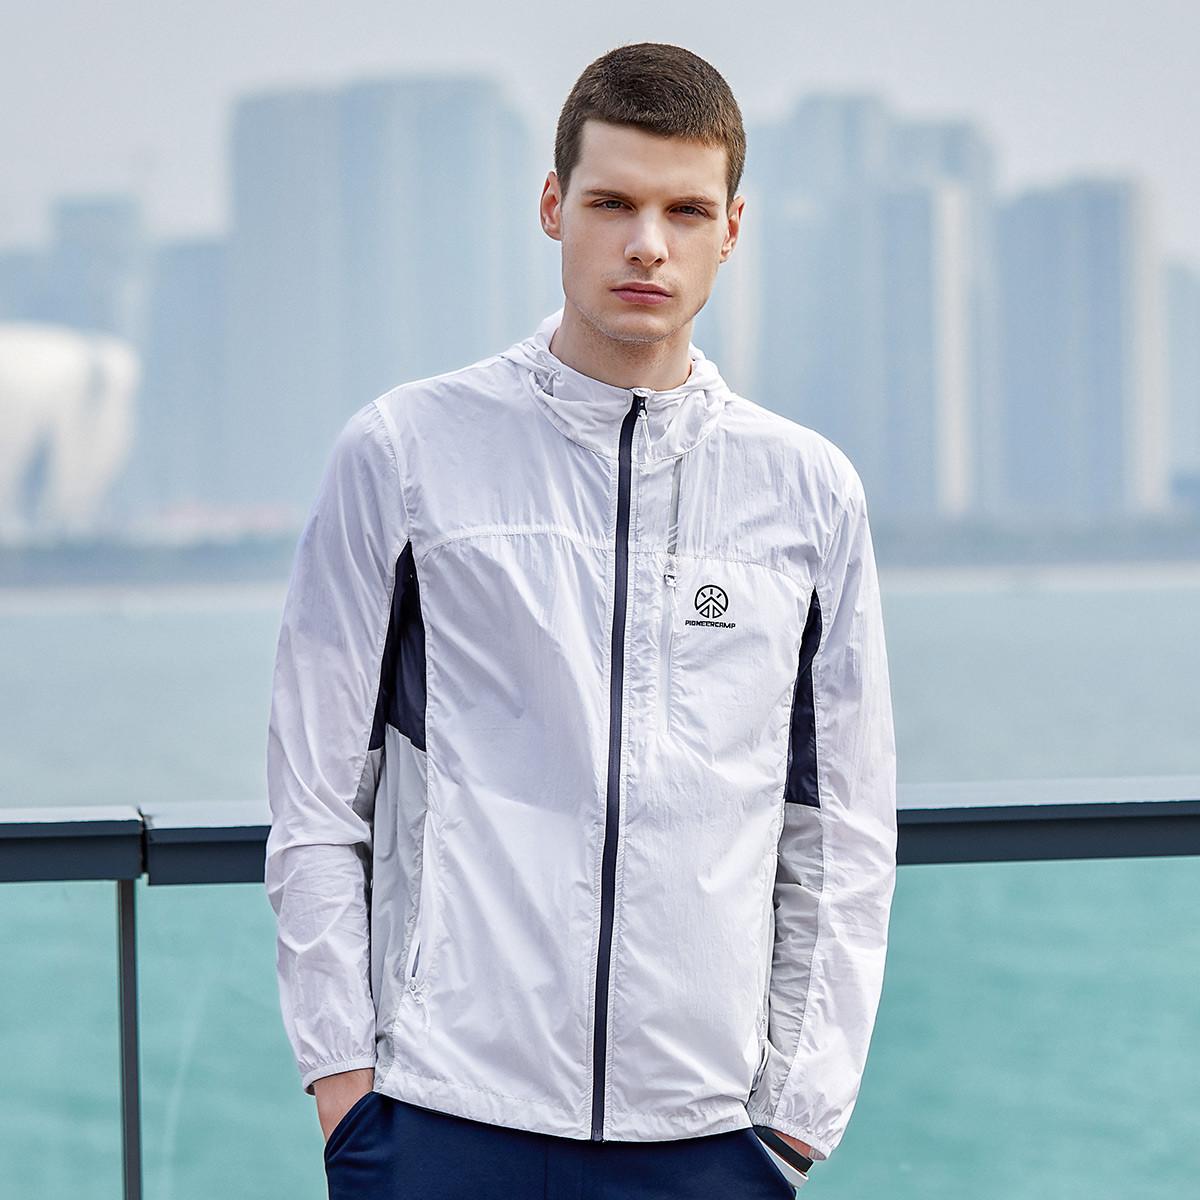 拓路者 夏季防晒服男外套青年超薄防紫外线防晒衣长袖皮肤衣  2020